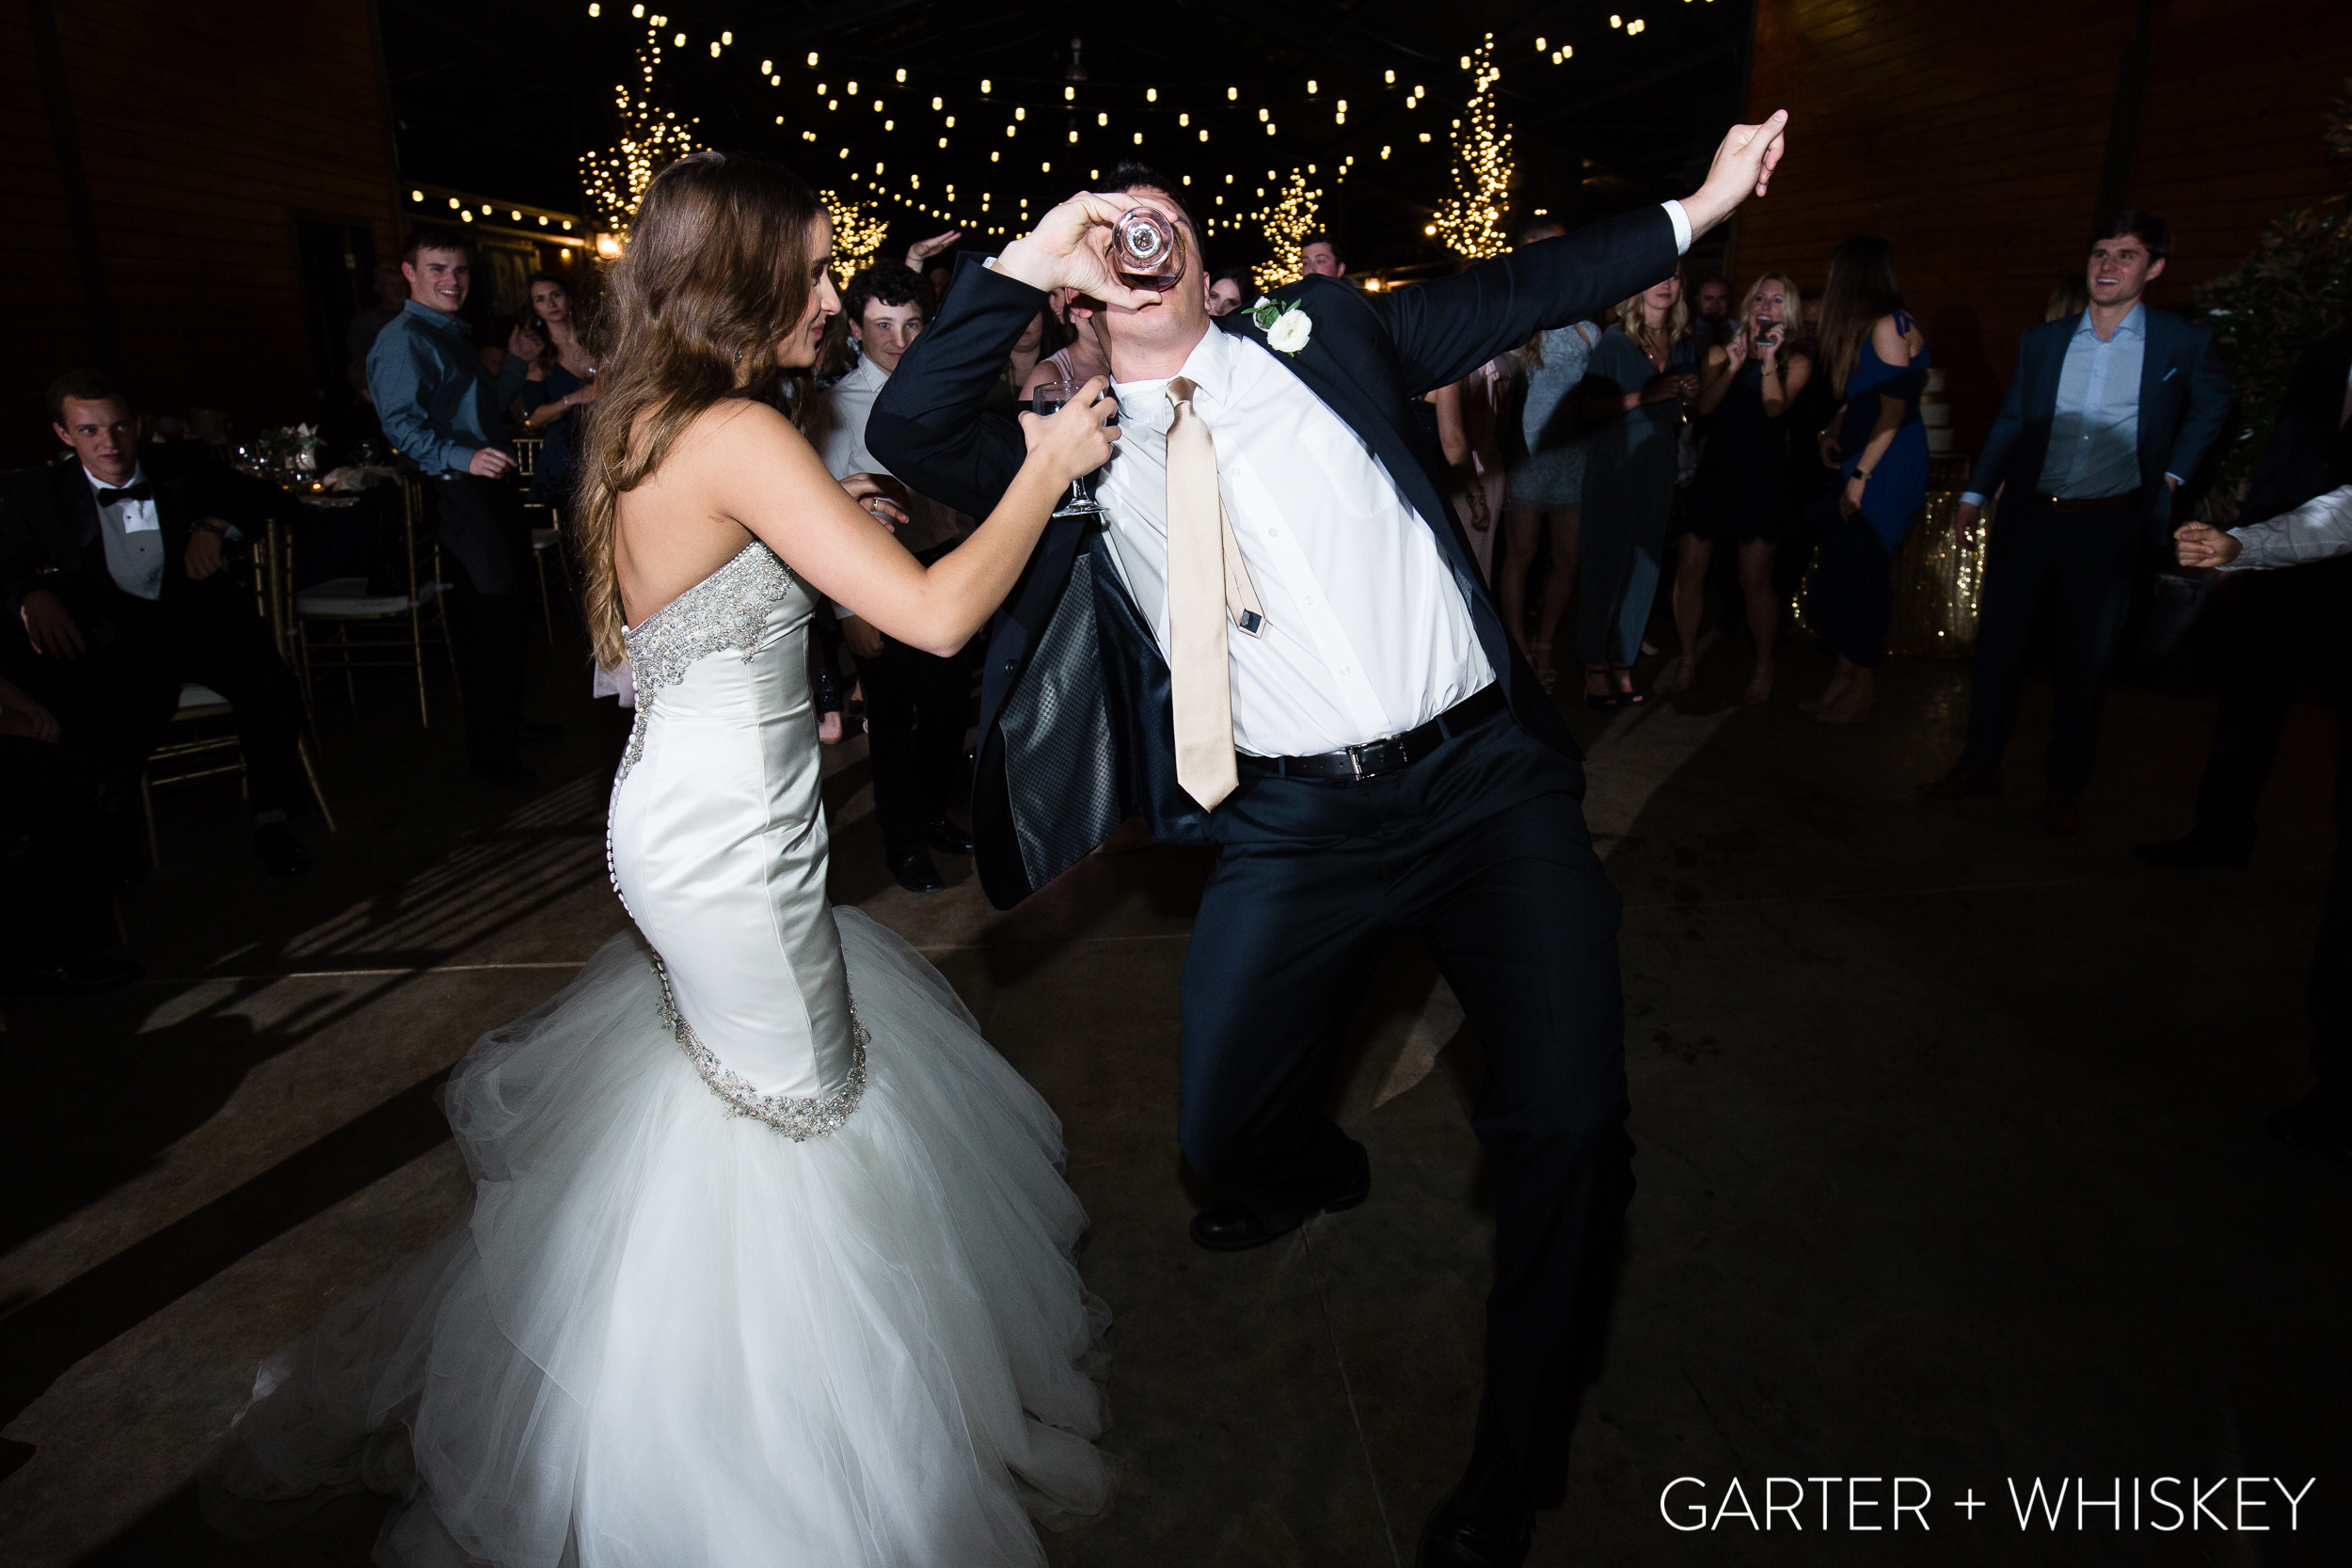 GY5A3946Laskey Wedding.jpg